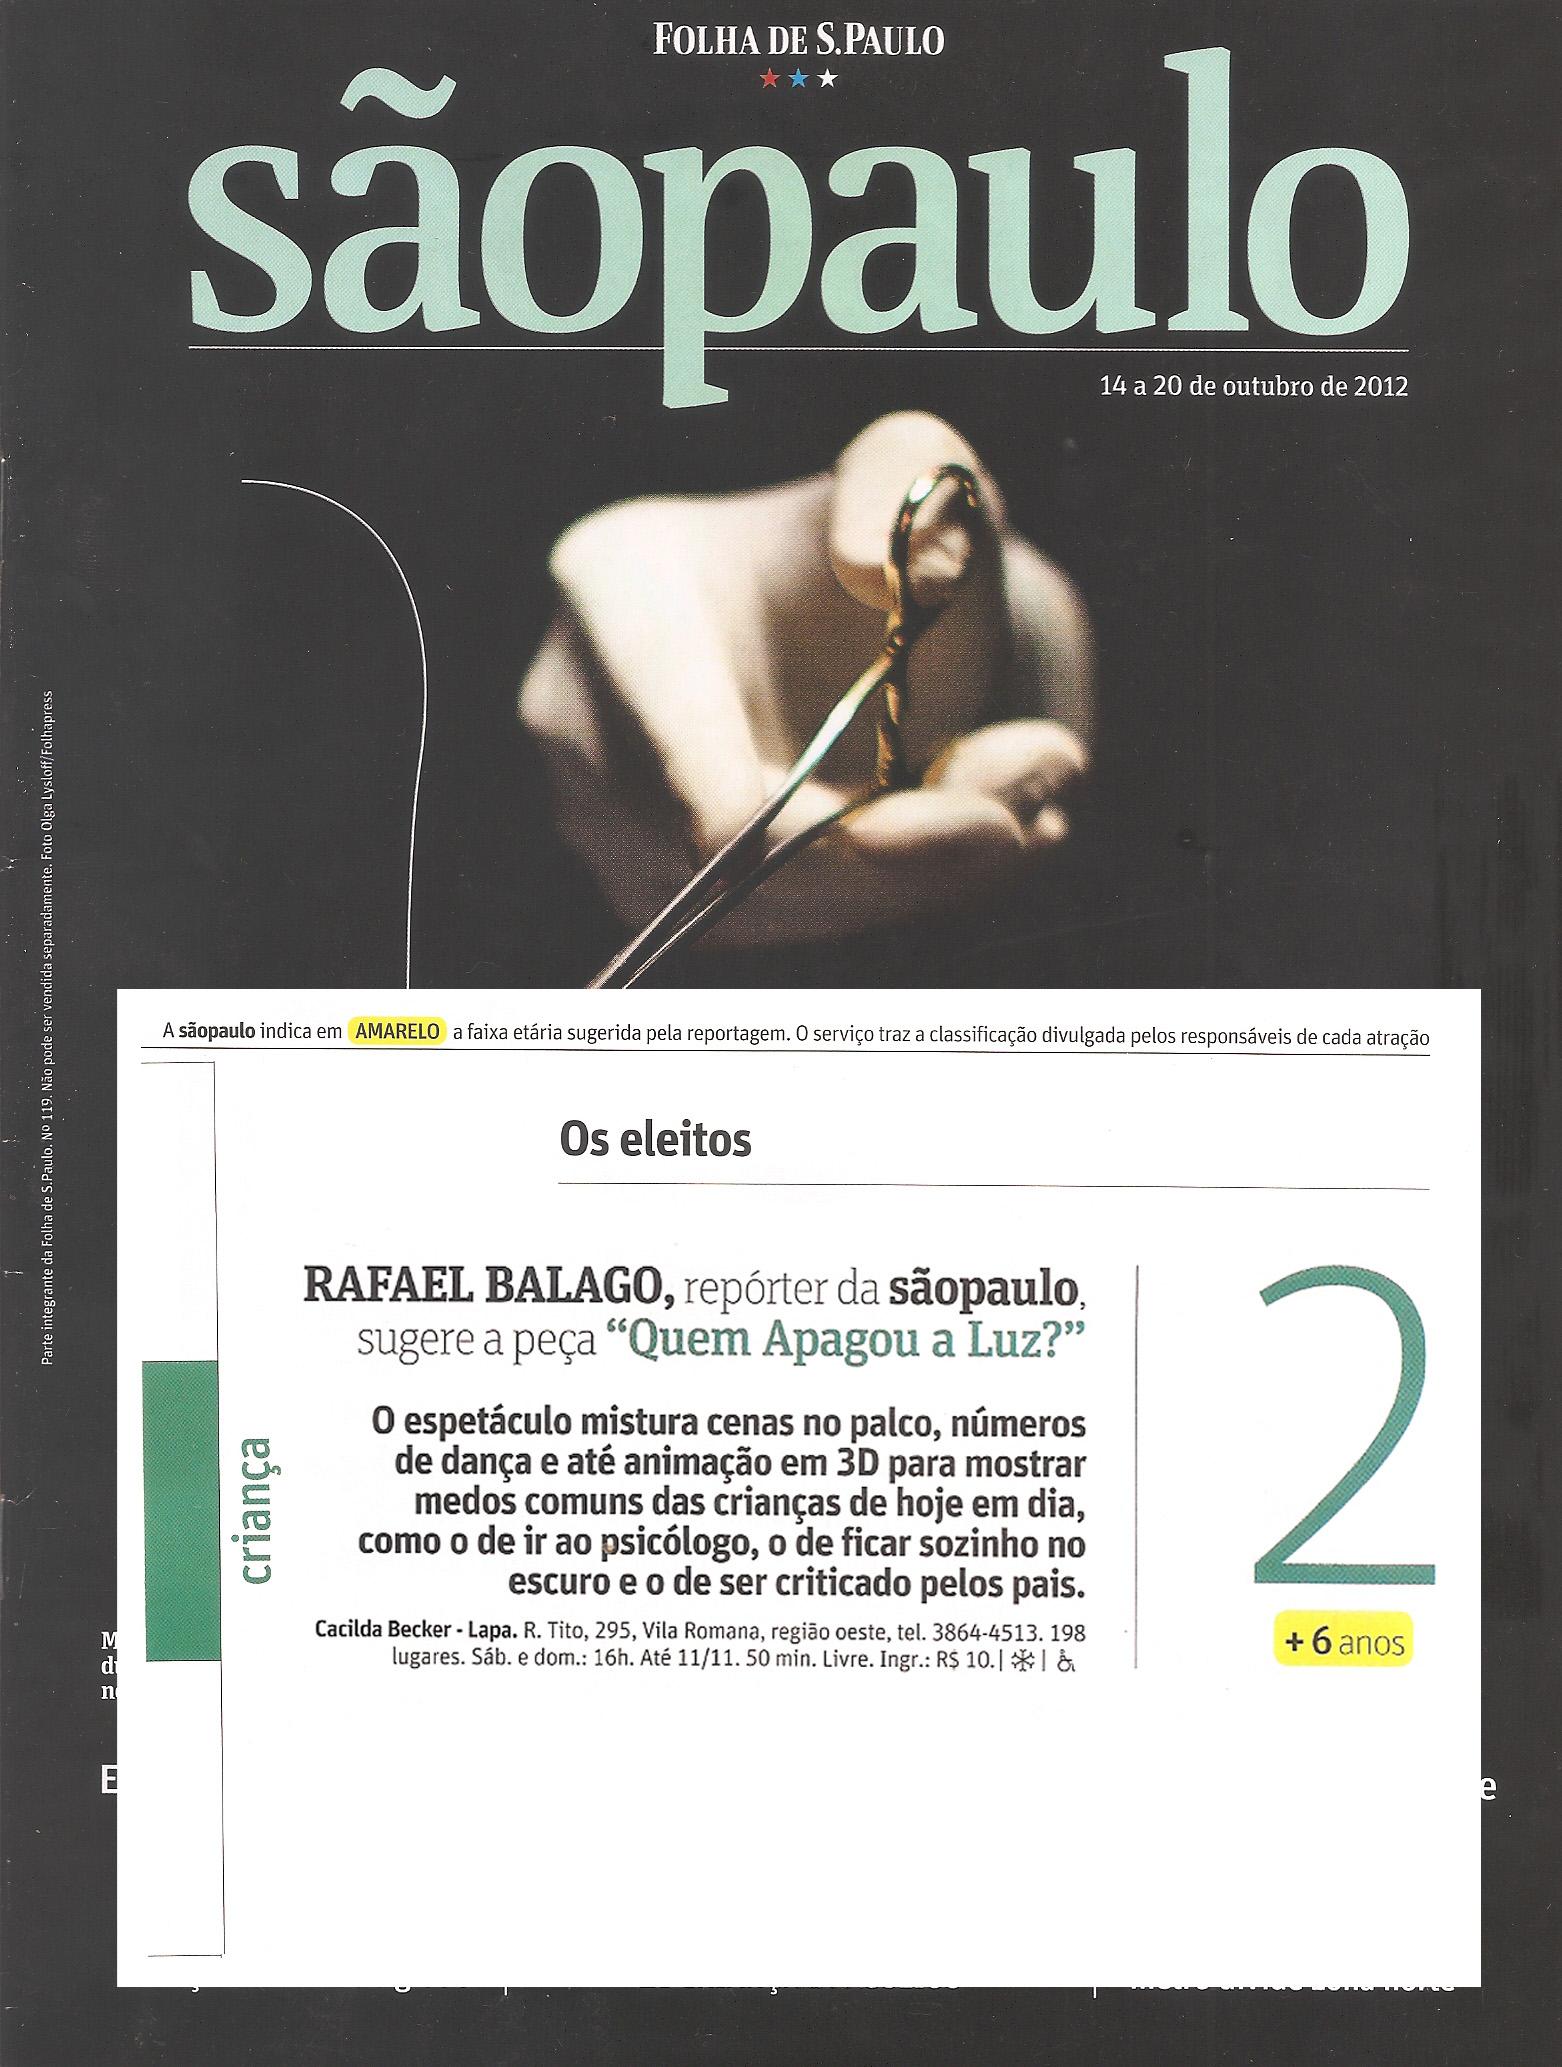 Quem Apagou a Luz - Revista da Folha (TEATRO CACILDA BECKER)